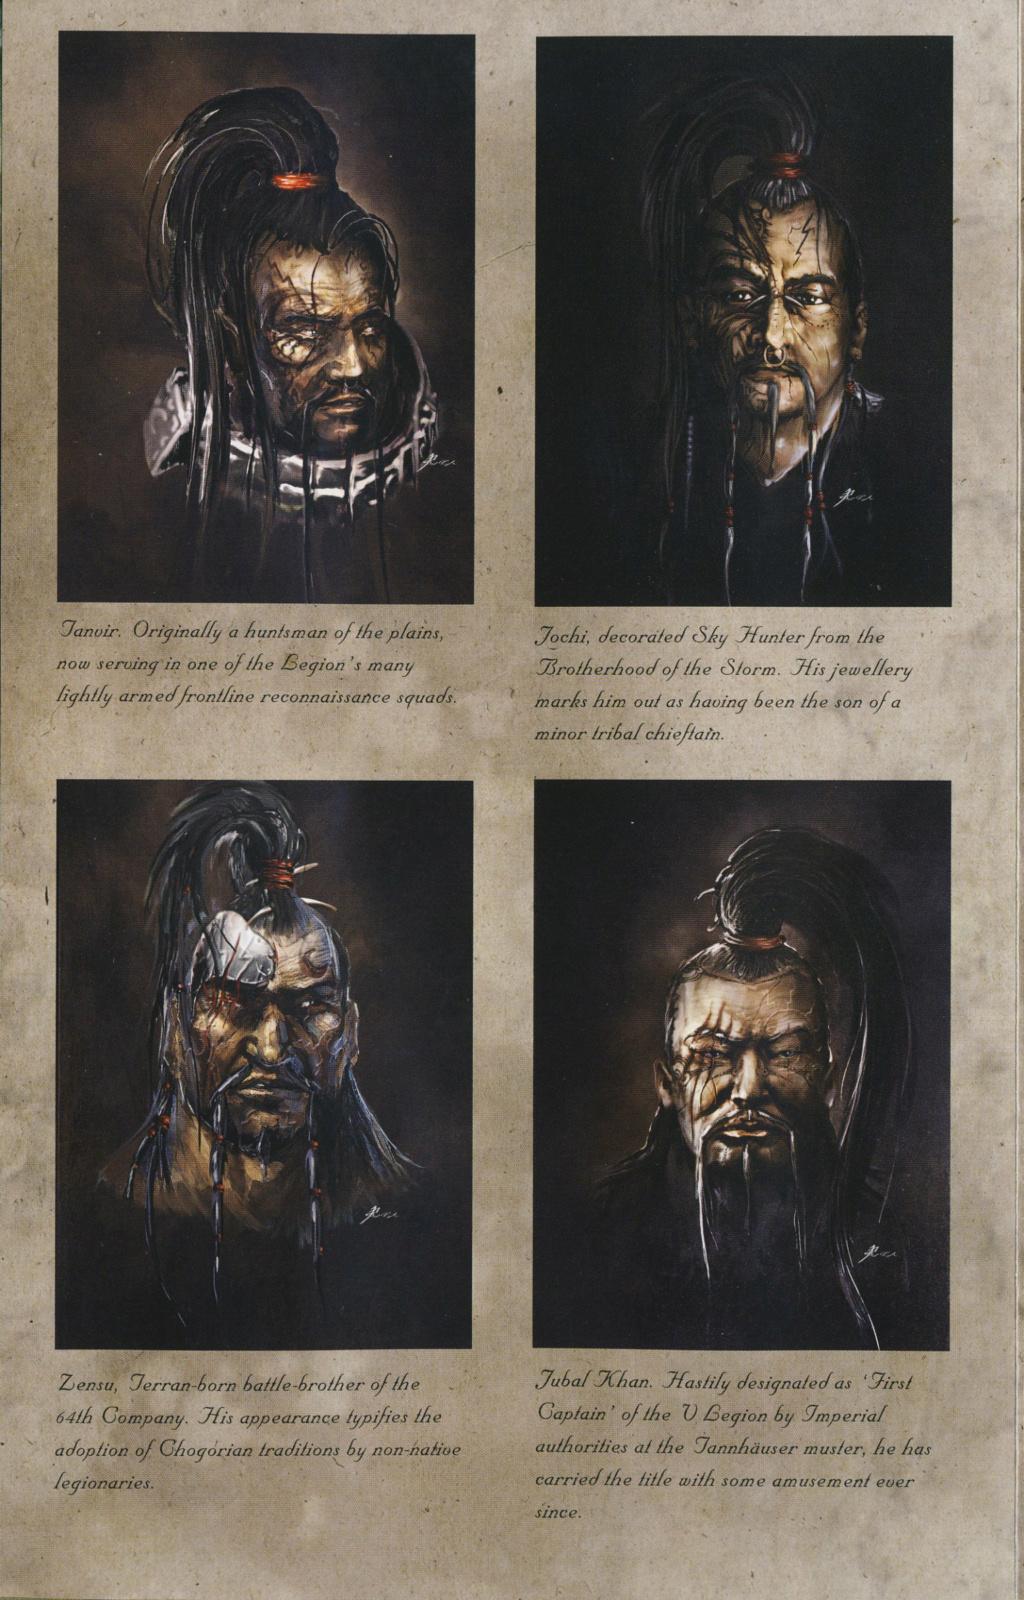 [W30K] Collections d'images : l'Hérésie d'Horus - Généralités et divers - Page 9 Bots310